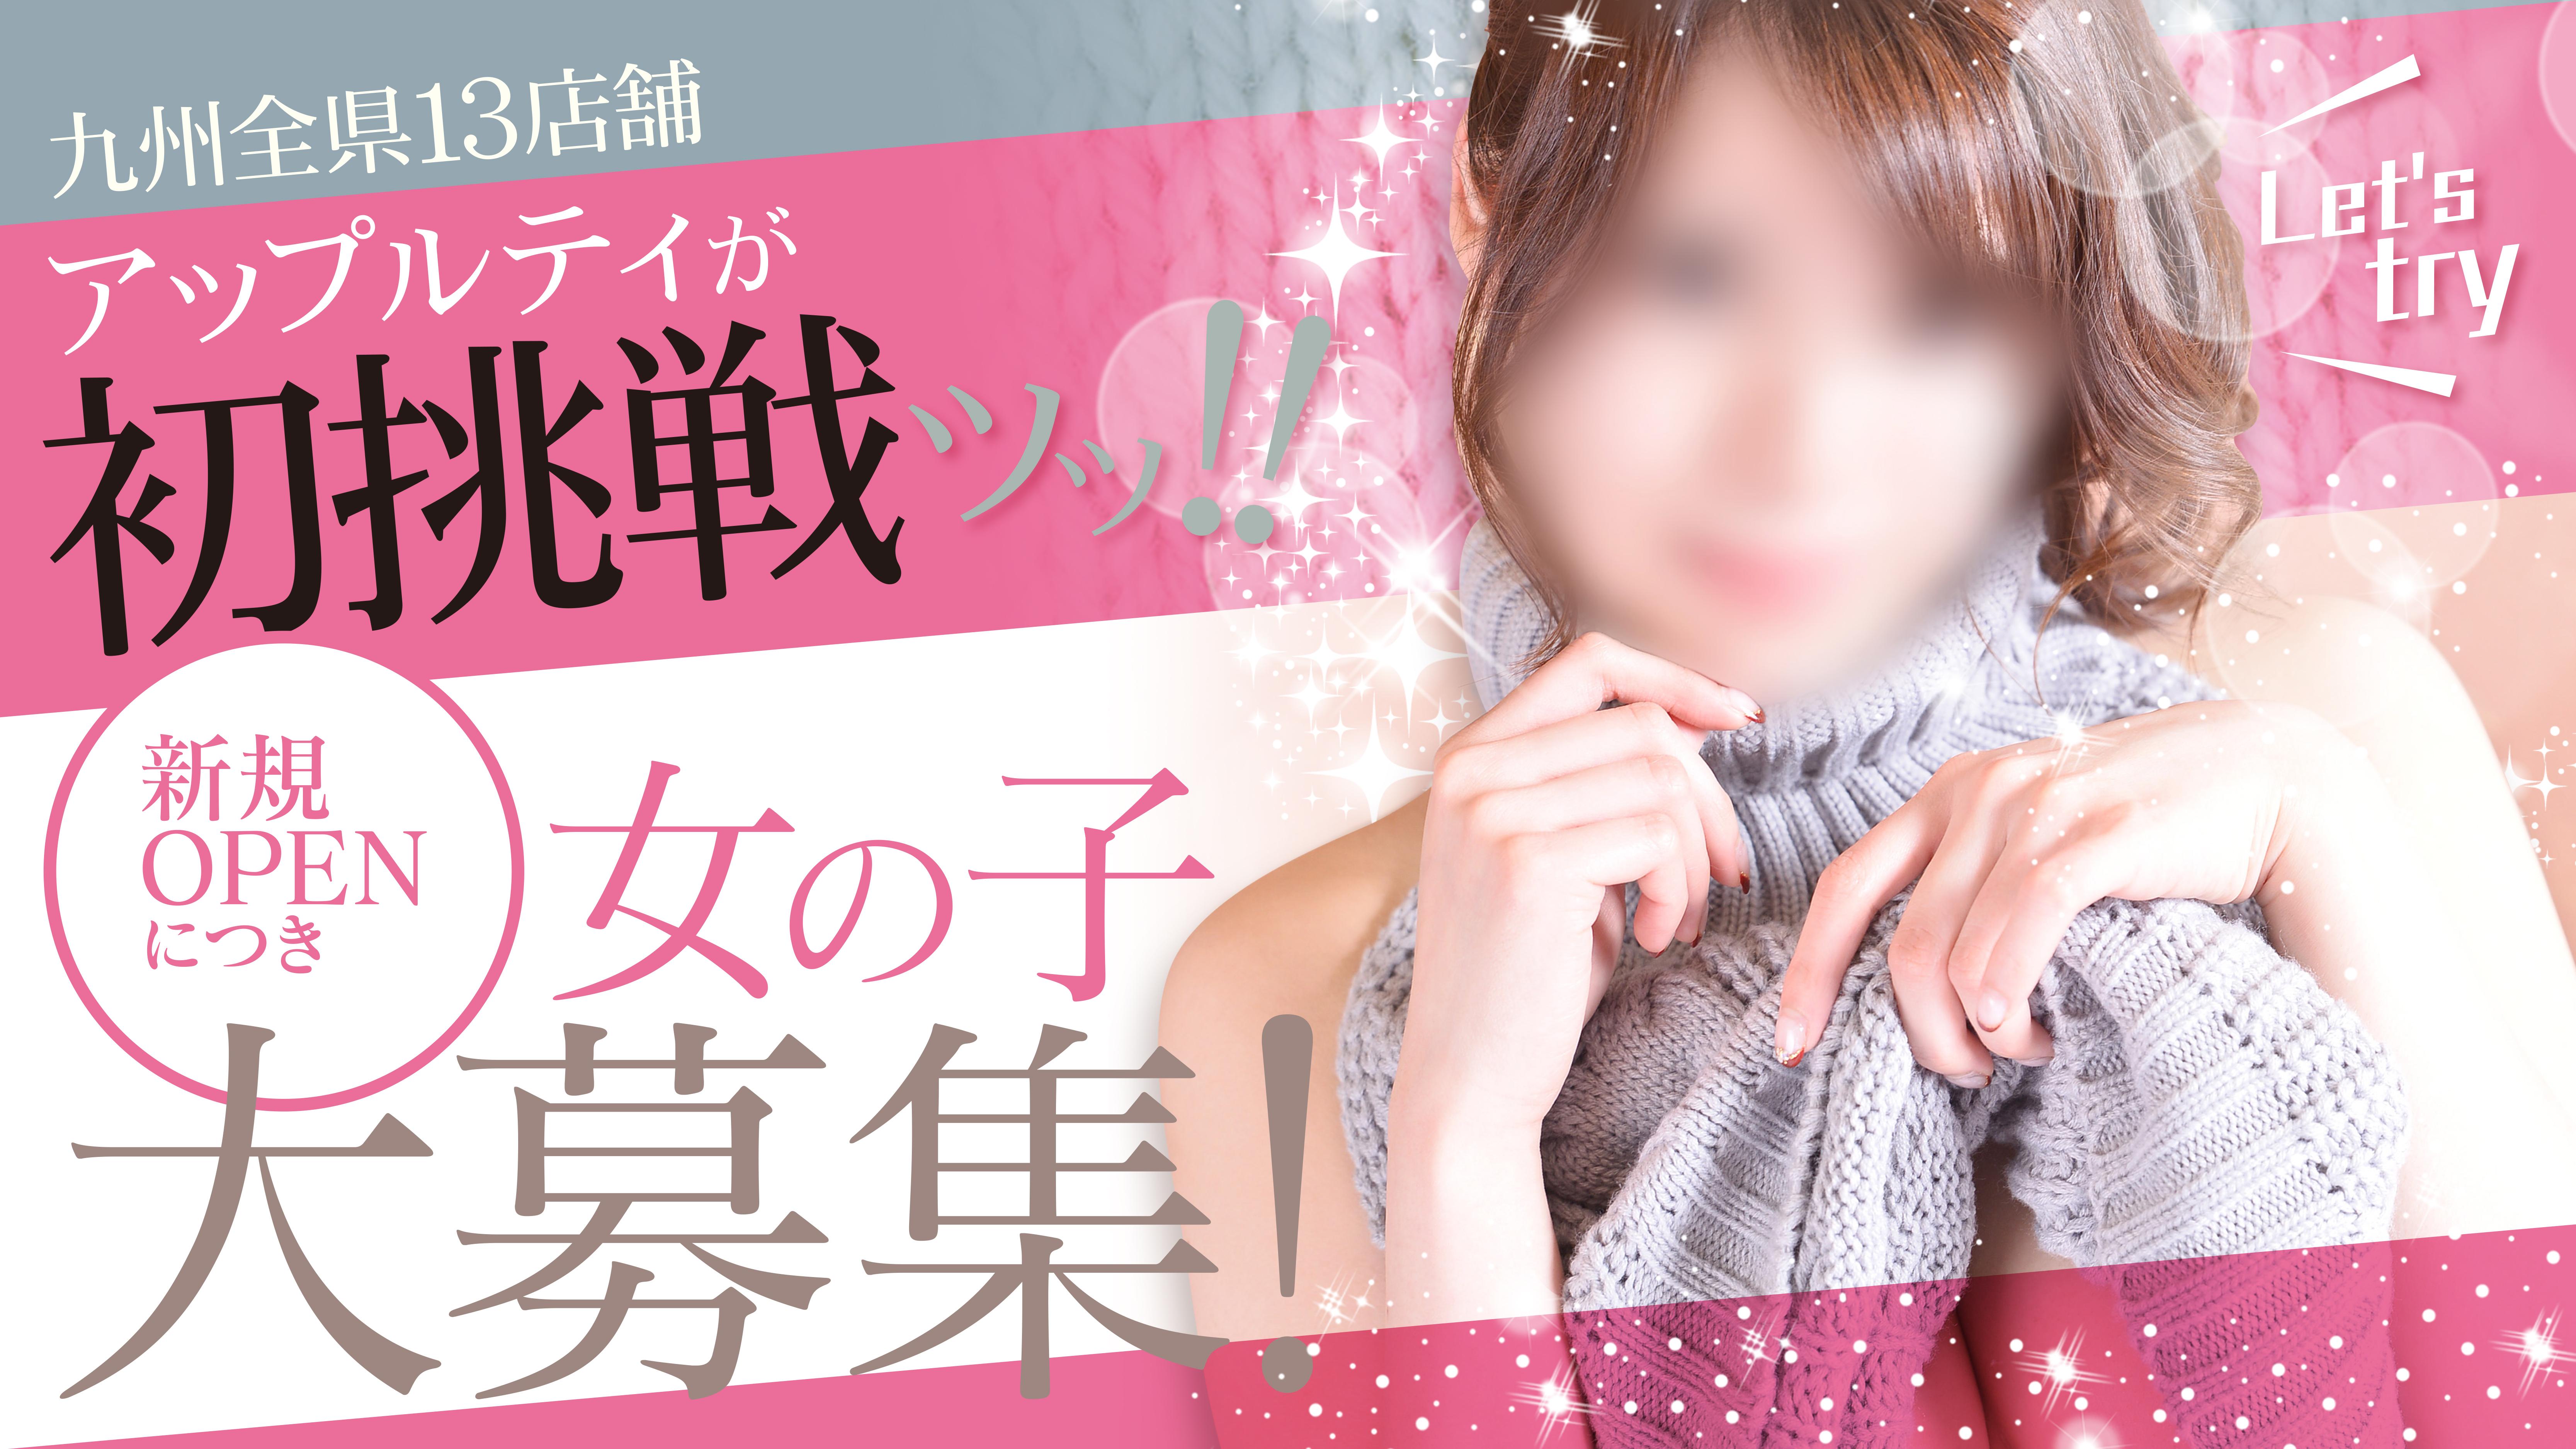 アップルティ デラックス(北九州・小倉デリヘル店)の風俗求人・高収入バイト求人PR画像1